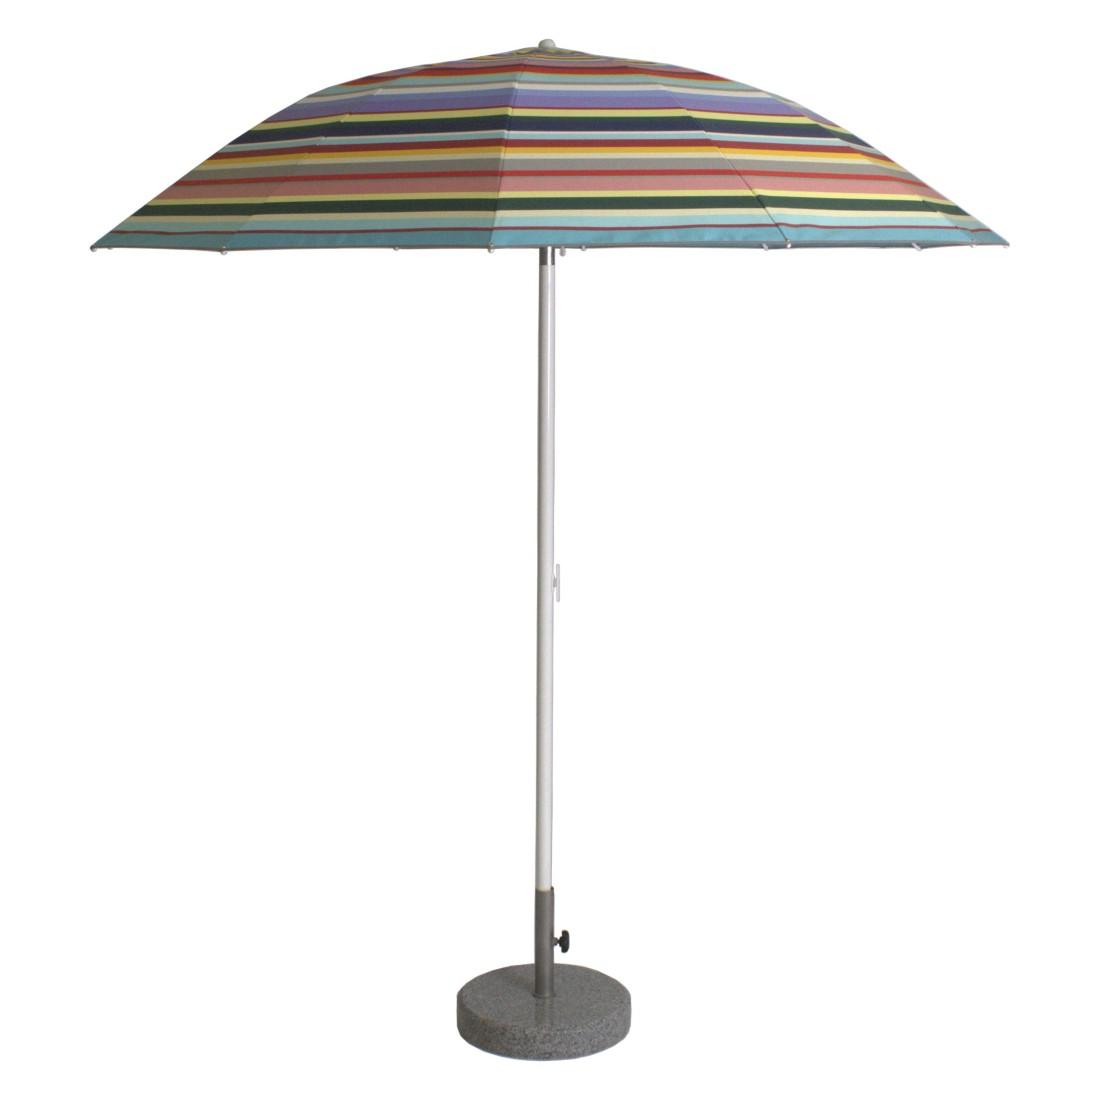 Sonnenschirm Pagodenschirm mit Knickgelenk - Aluminium Multicolor, Weishäupl Werkstätten